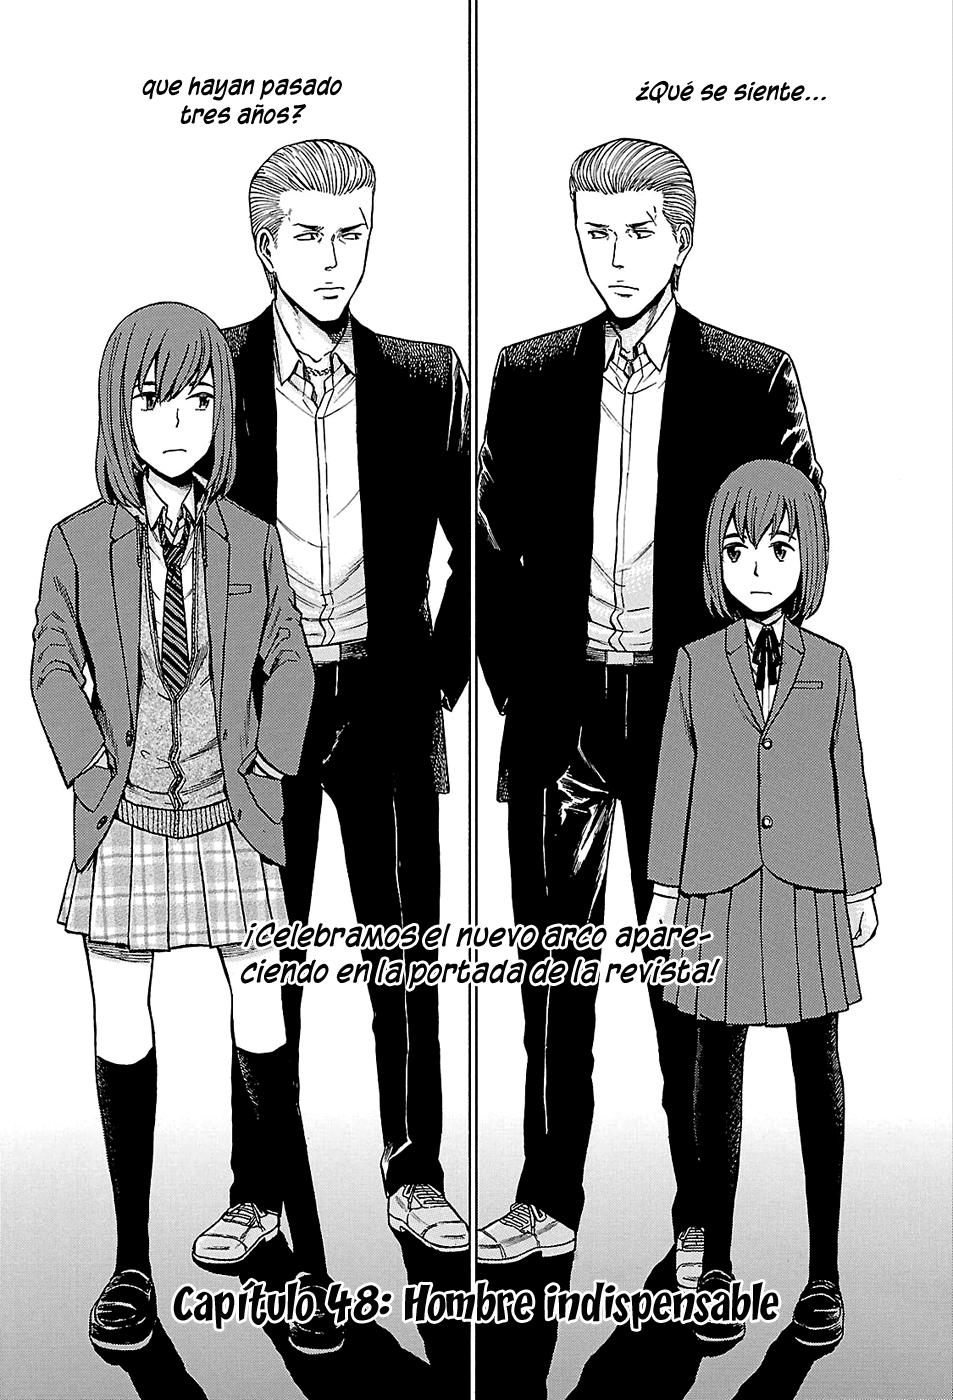 Pin by Rambshi Uchiha on anime in 2020 Anime, Manga